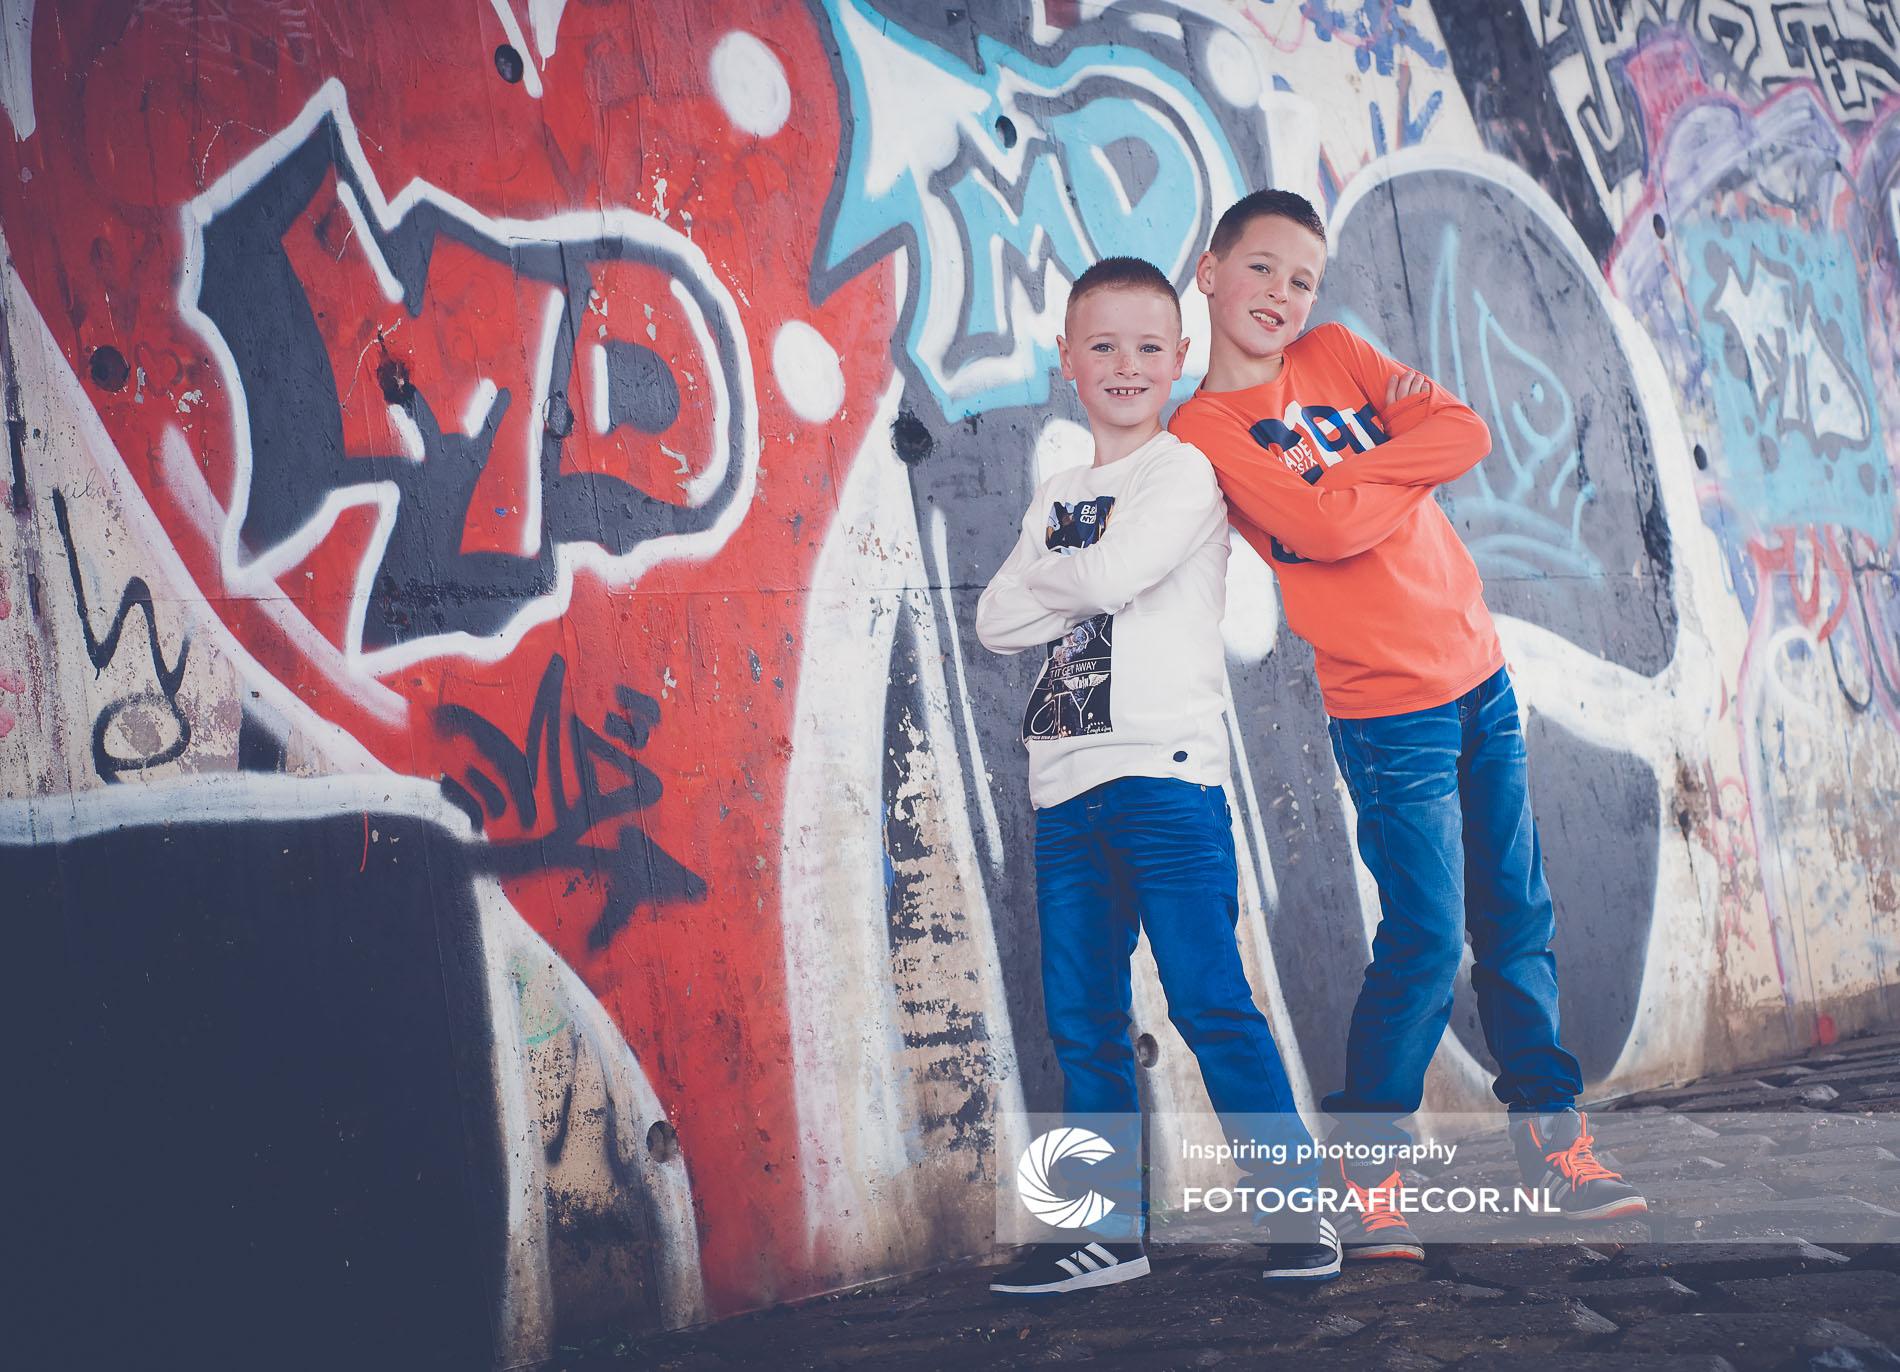 Portretfotografie buiten | | Leuke fotoshoot kinderen